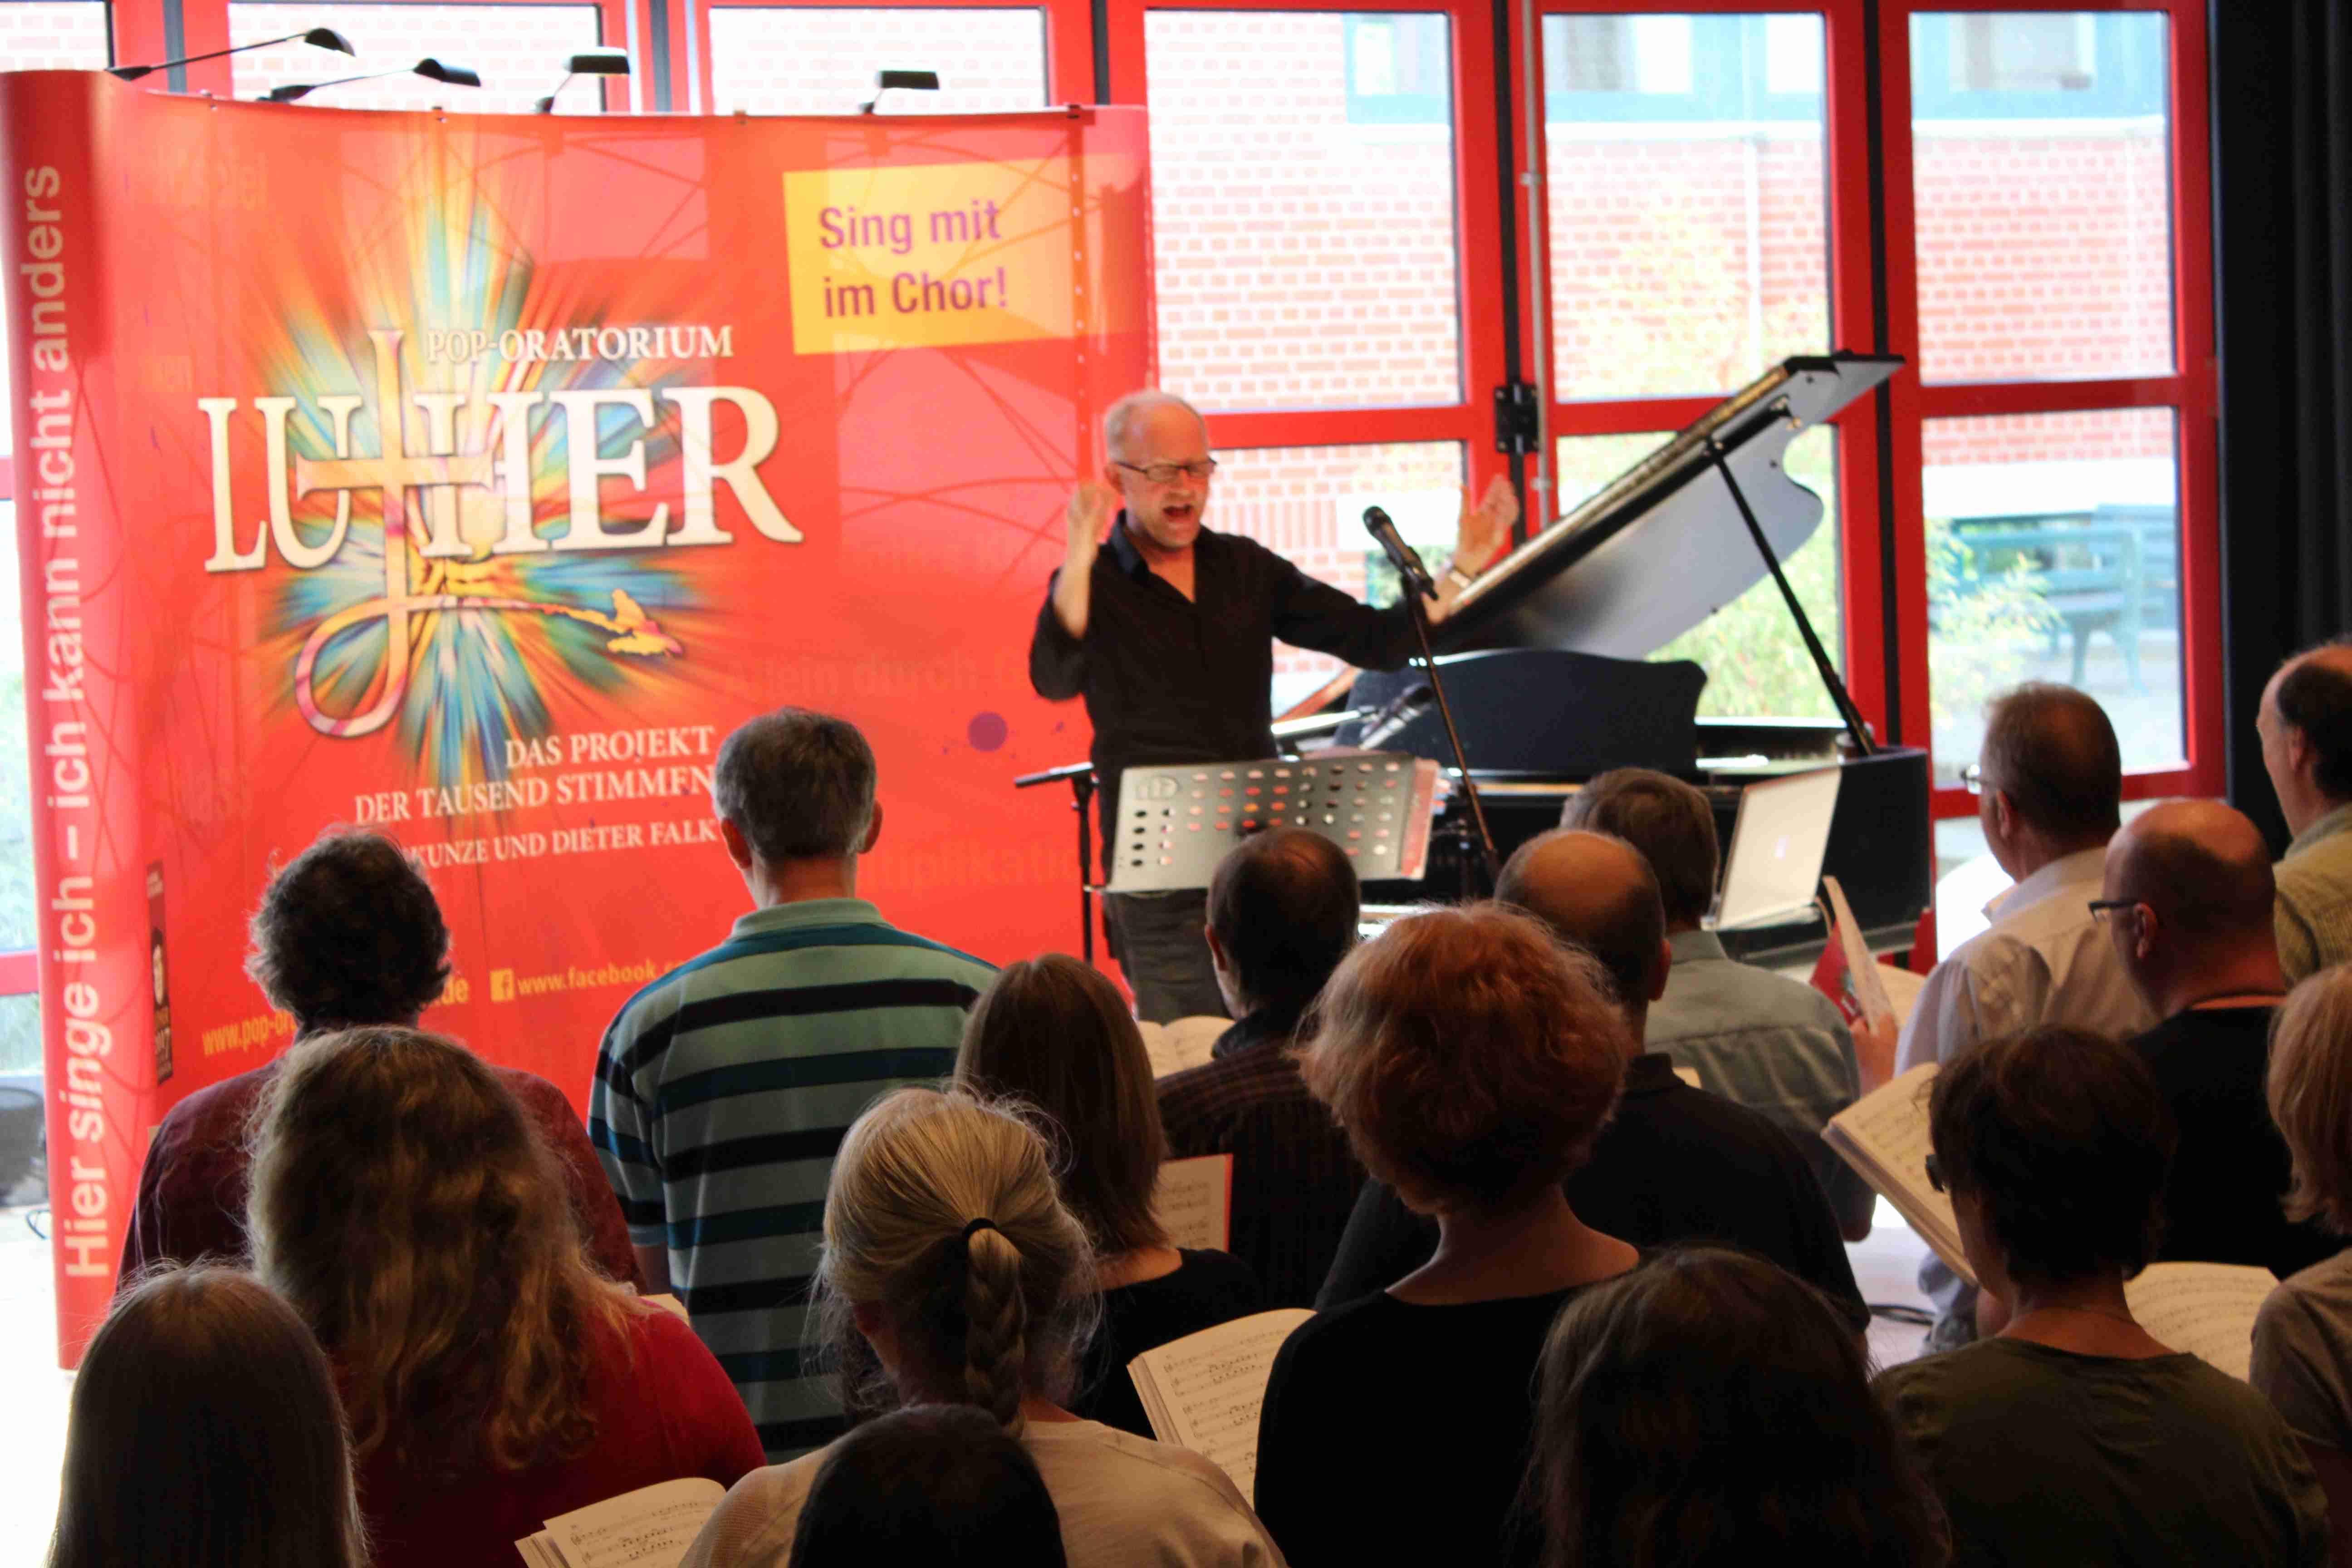 Chorleiterschulung in Düsseldorf